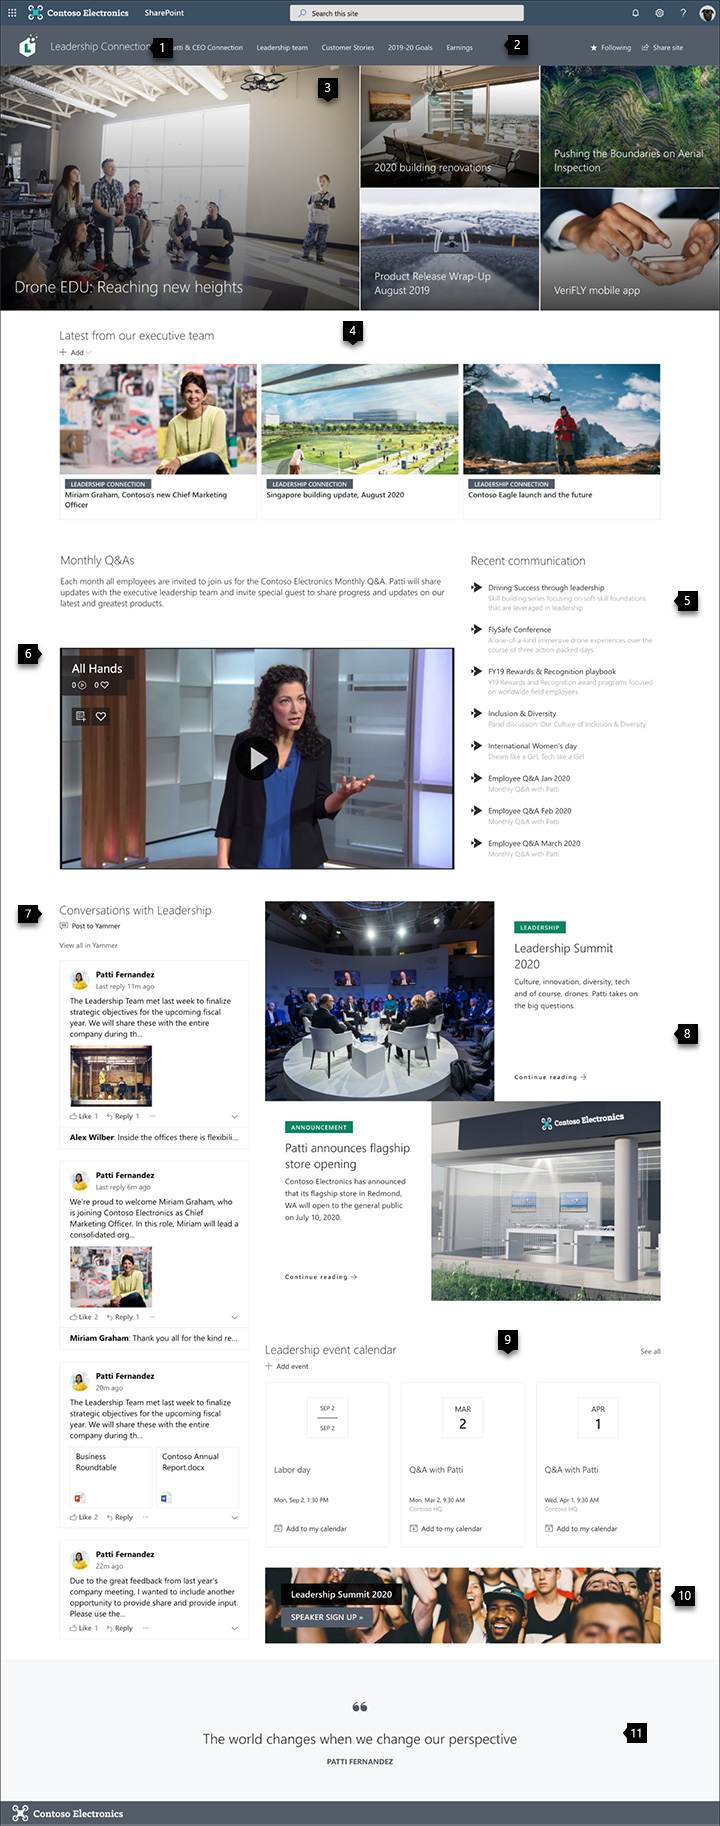 Приклад веб-сайту лідерства